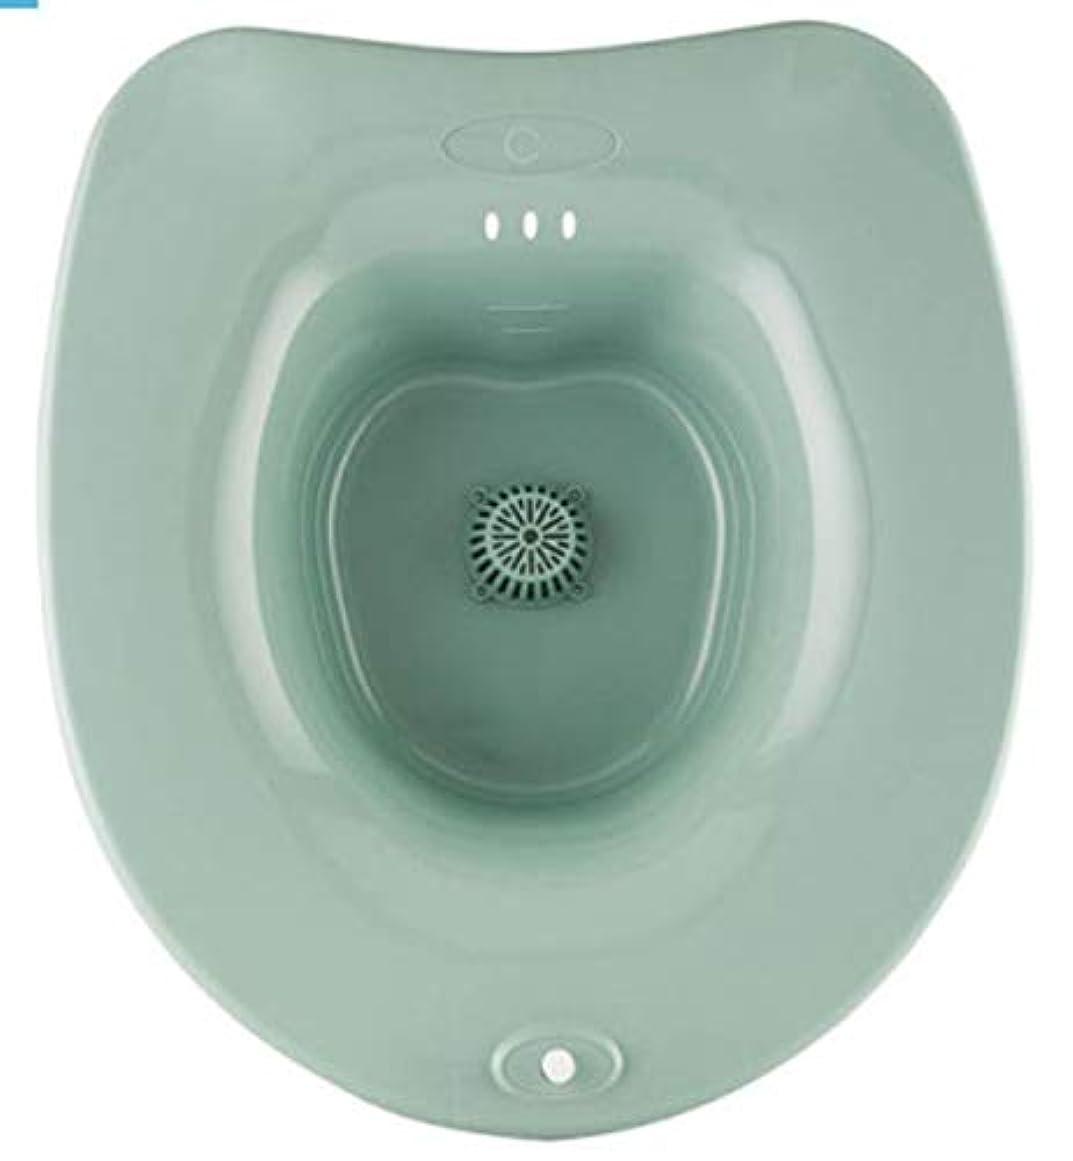 同級生構成員該当する医師から座浴をお勧められた時、コードレス自動バブルお尻の座浴器、子宮健康、痔の悩み清潔、、、